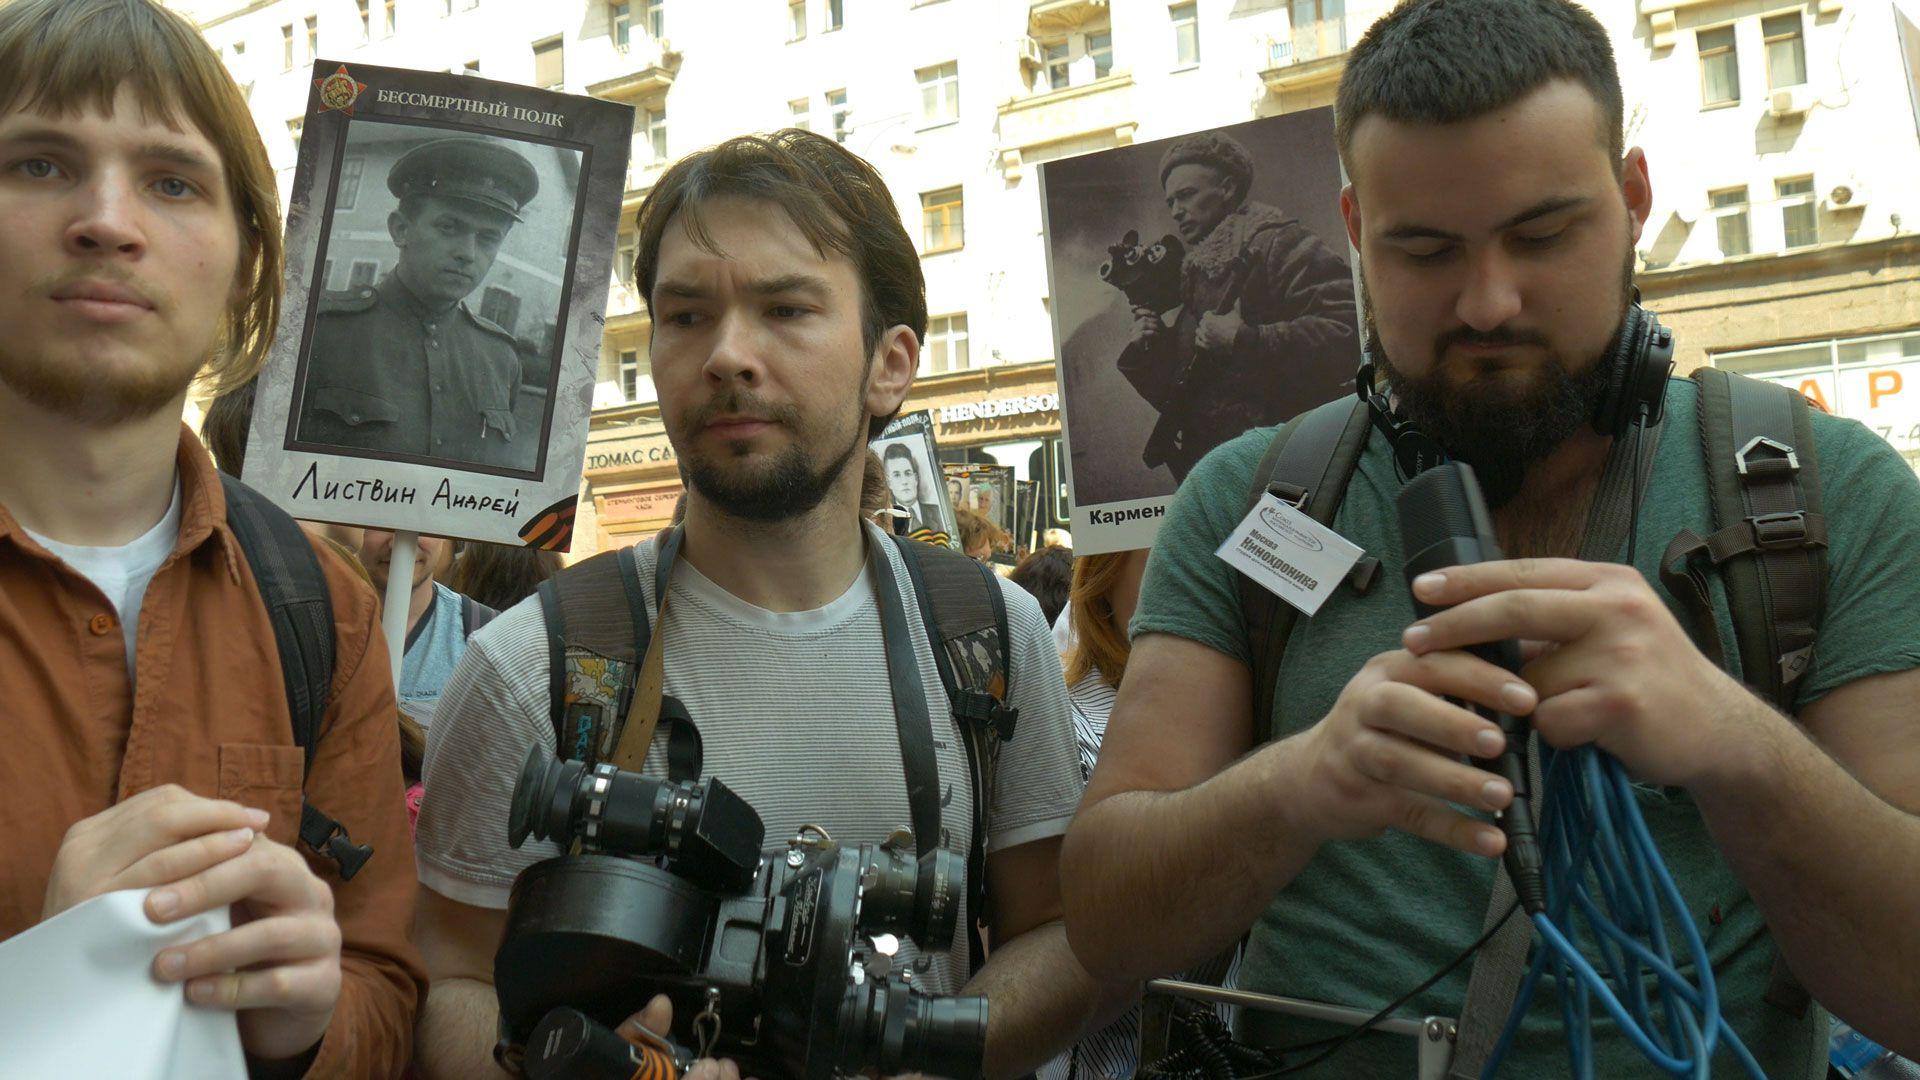 Экспонат №10. Андрей Листвин и Роман Кармен — фронтовые кинооператоры